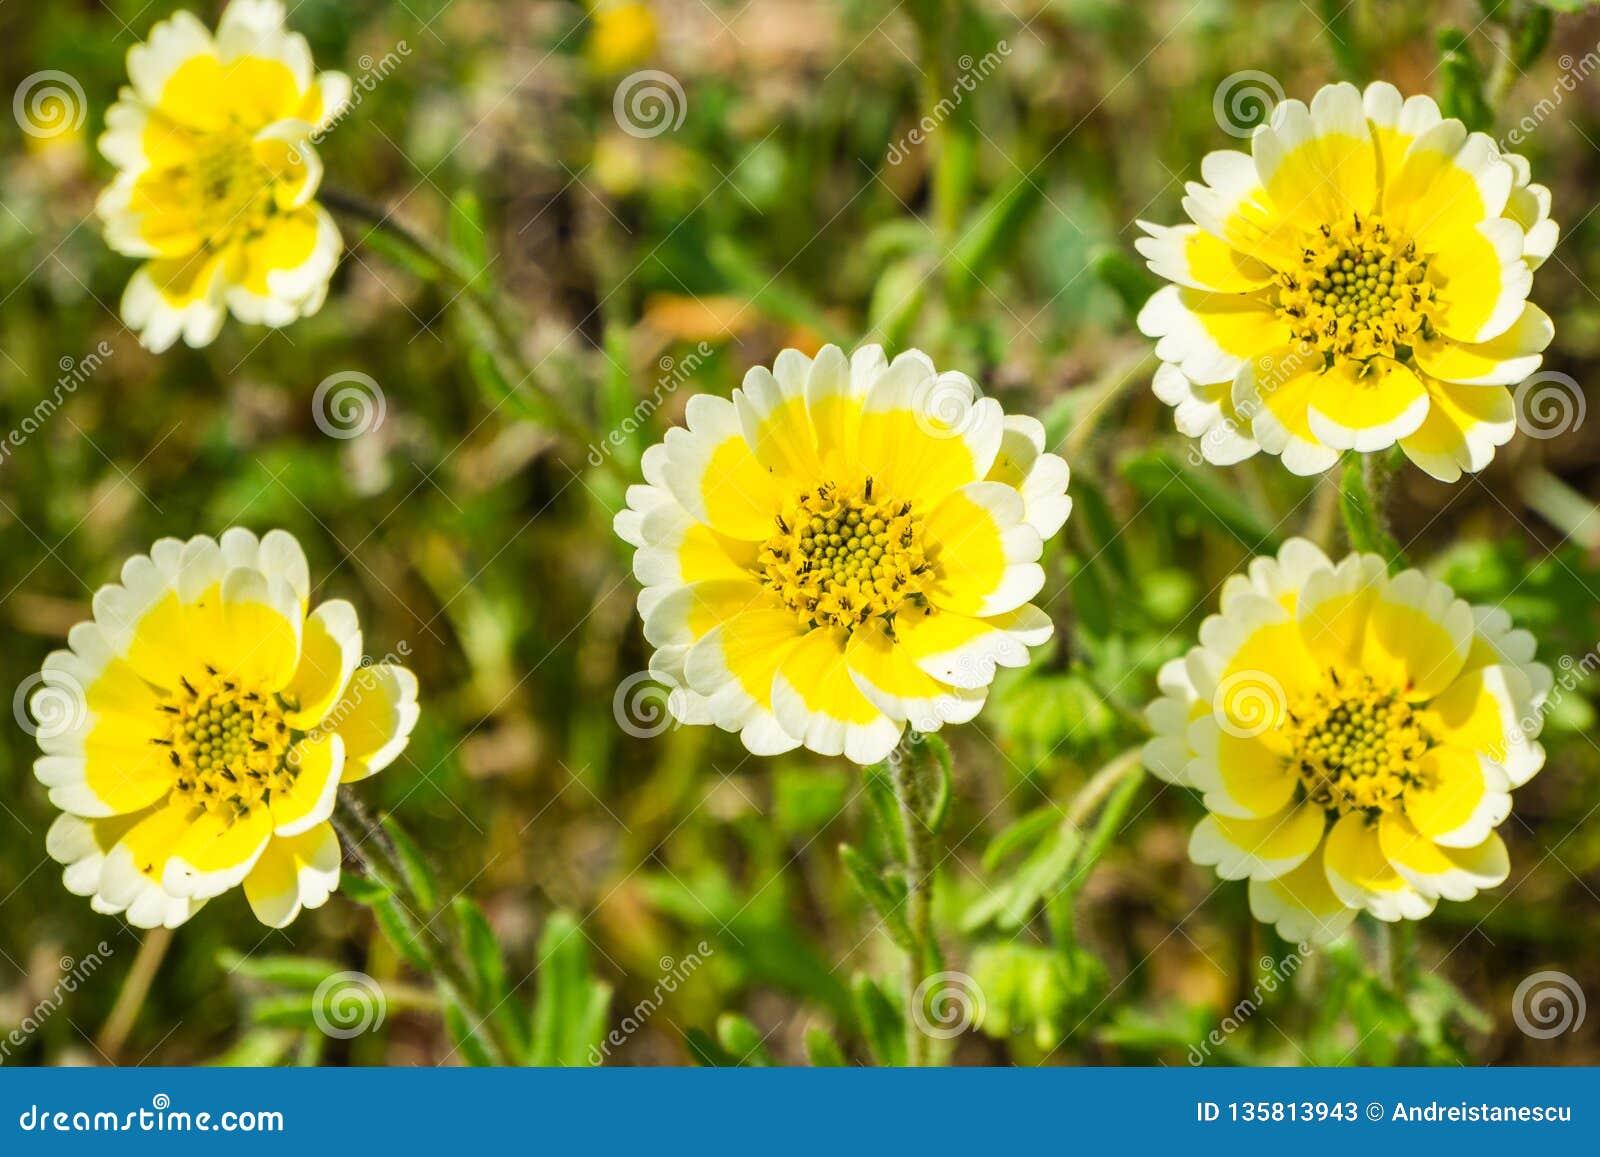 关闭Layia platyglossa野花,共同地叫沿海宽舌莱氏菊,加利福尼亚